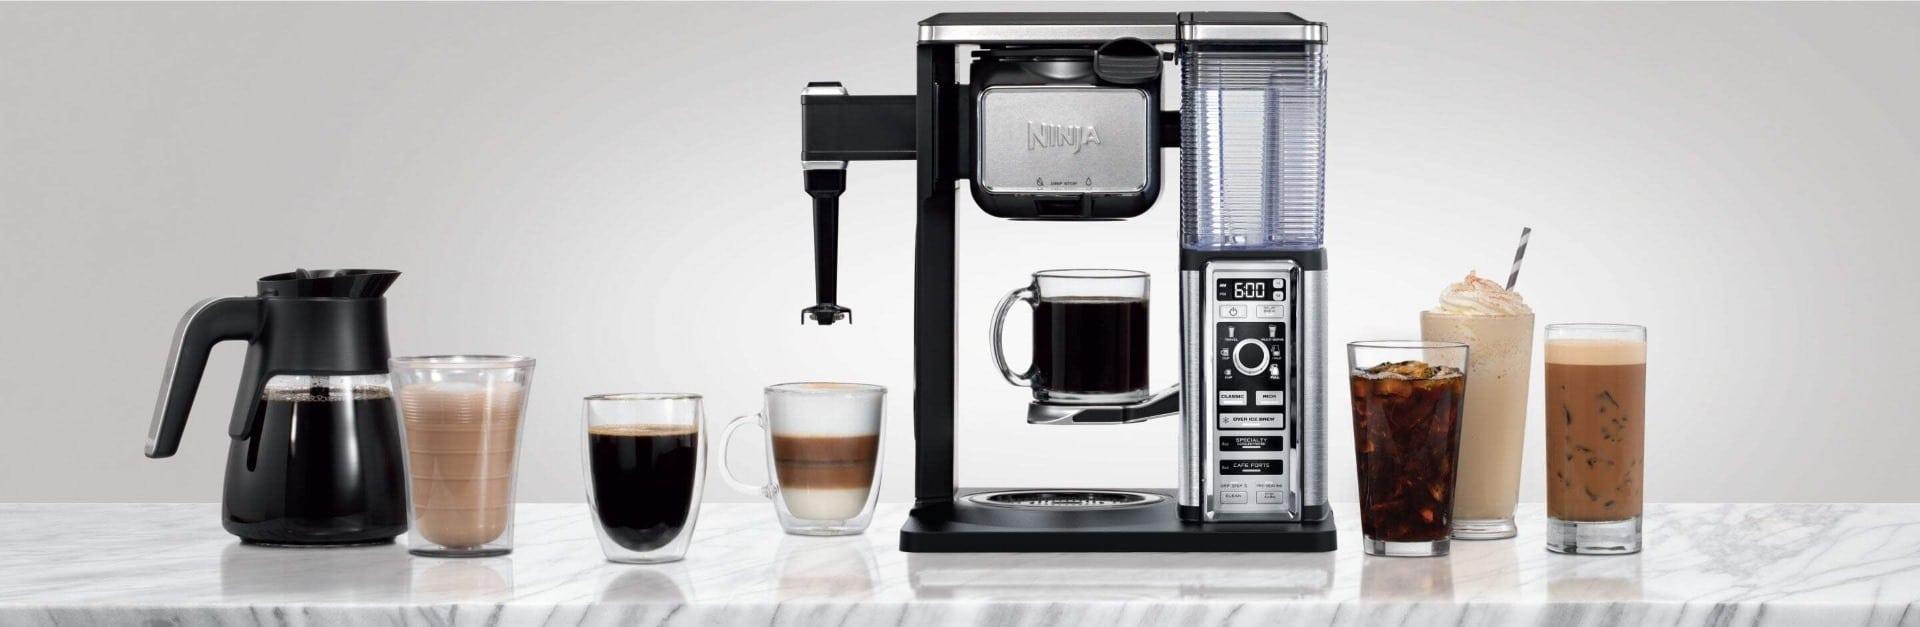 Best Ninja Coffee Bars Reviewed in Detail